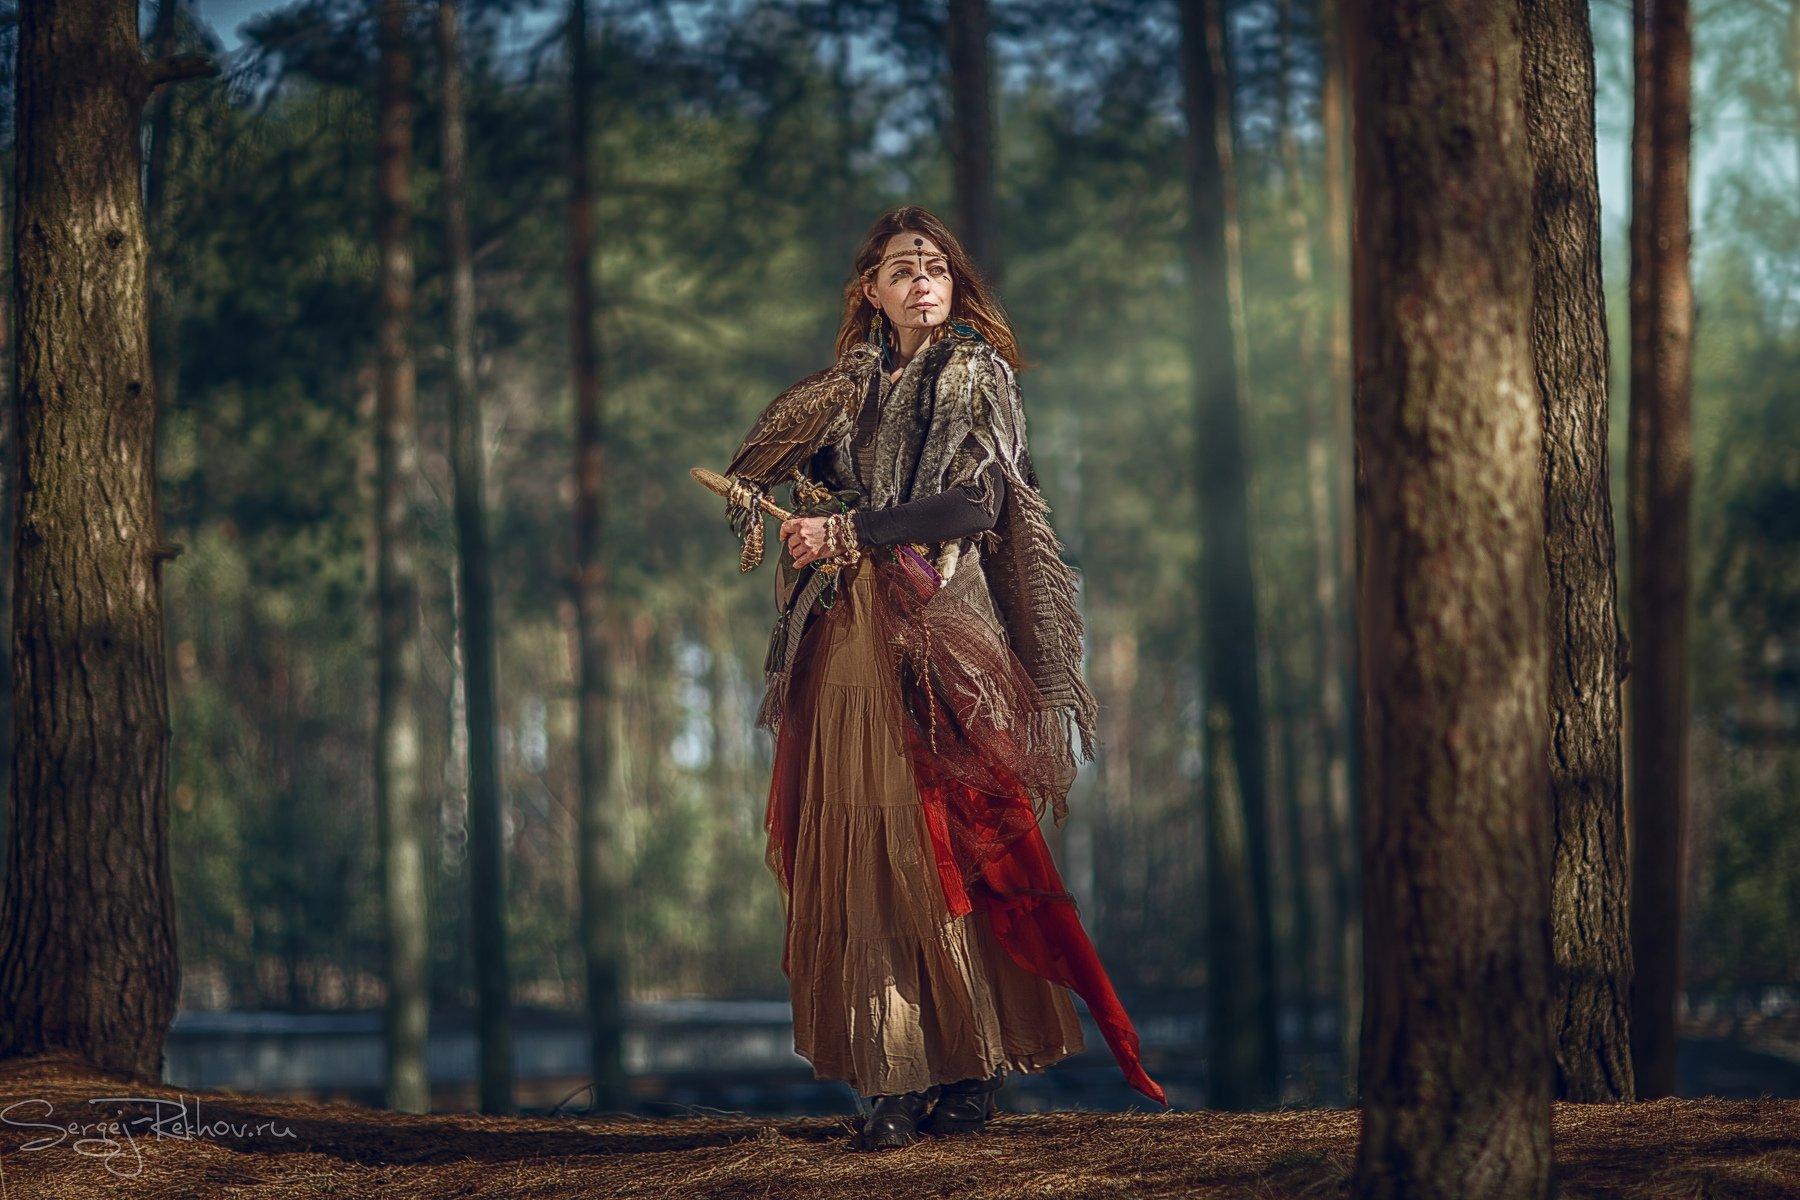 девушка, модель, лес, птица, канюк, солнечно, rekhov, Сергей Рехов